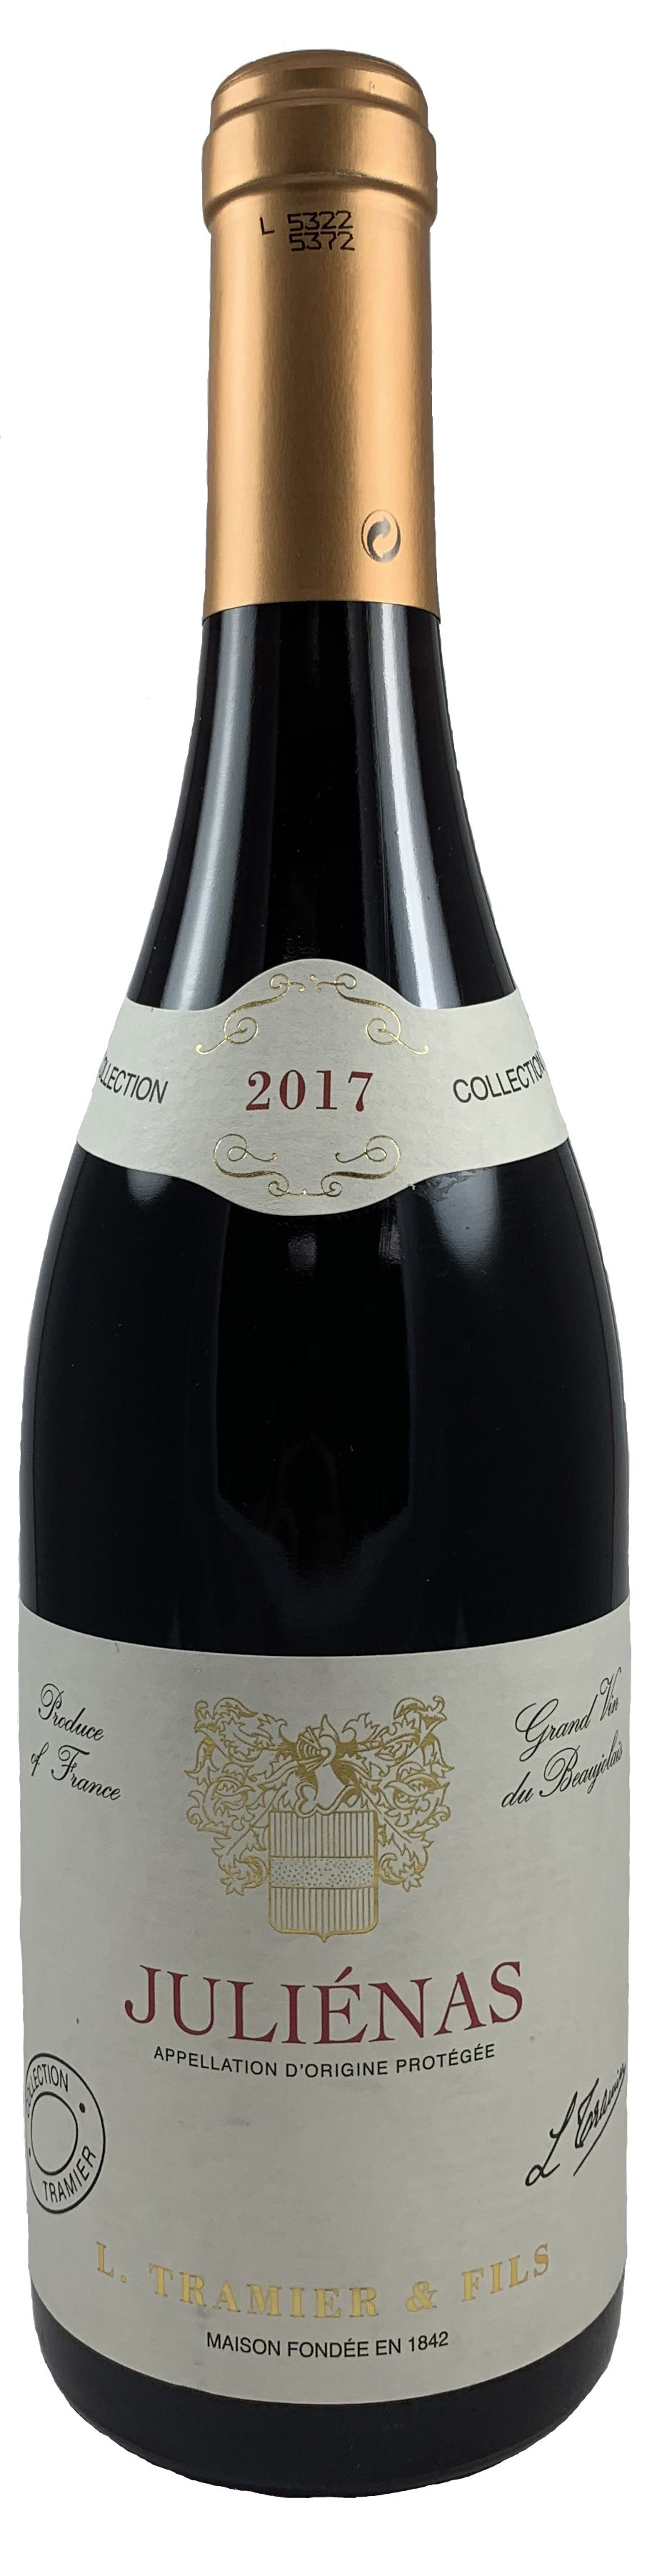 法國 鉈尼酒莊 朱麗安娜產區 特級紅葡萄酒2017